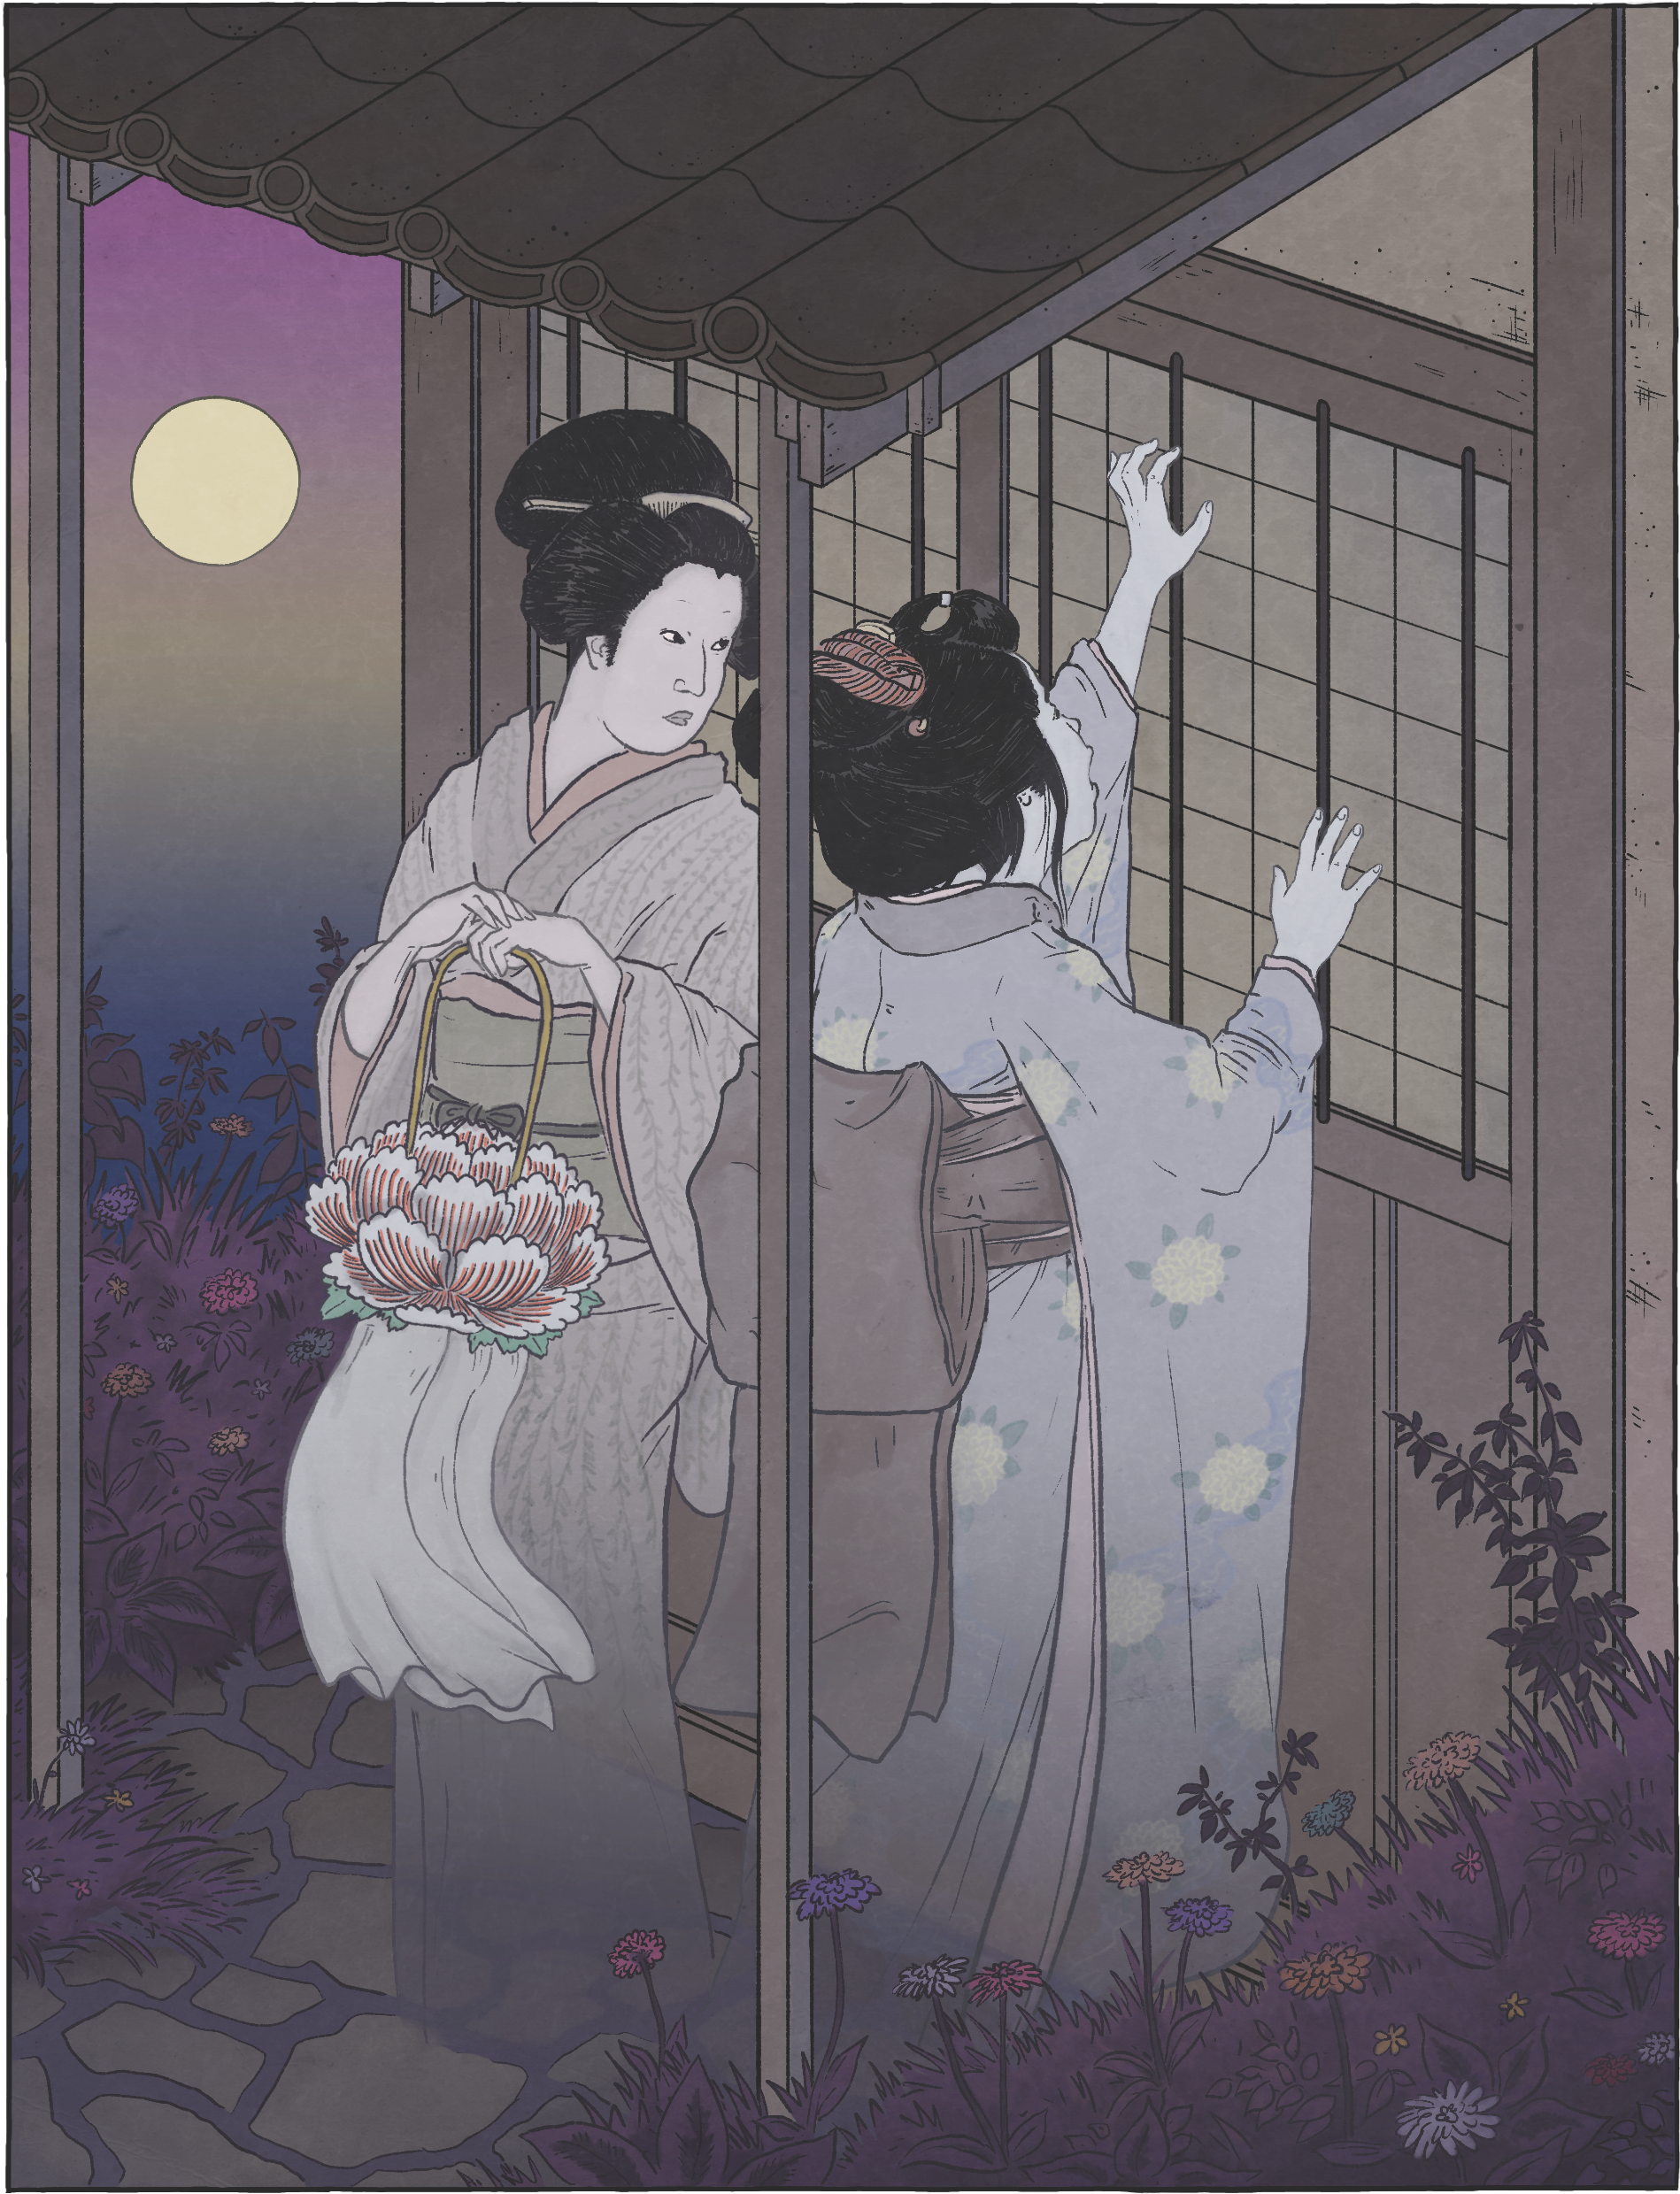 Otsuyu by Matthew Meyer http://yokai.com/otsuyu/